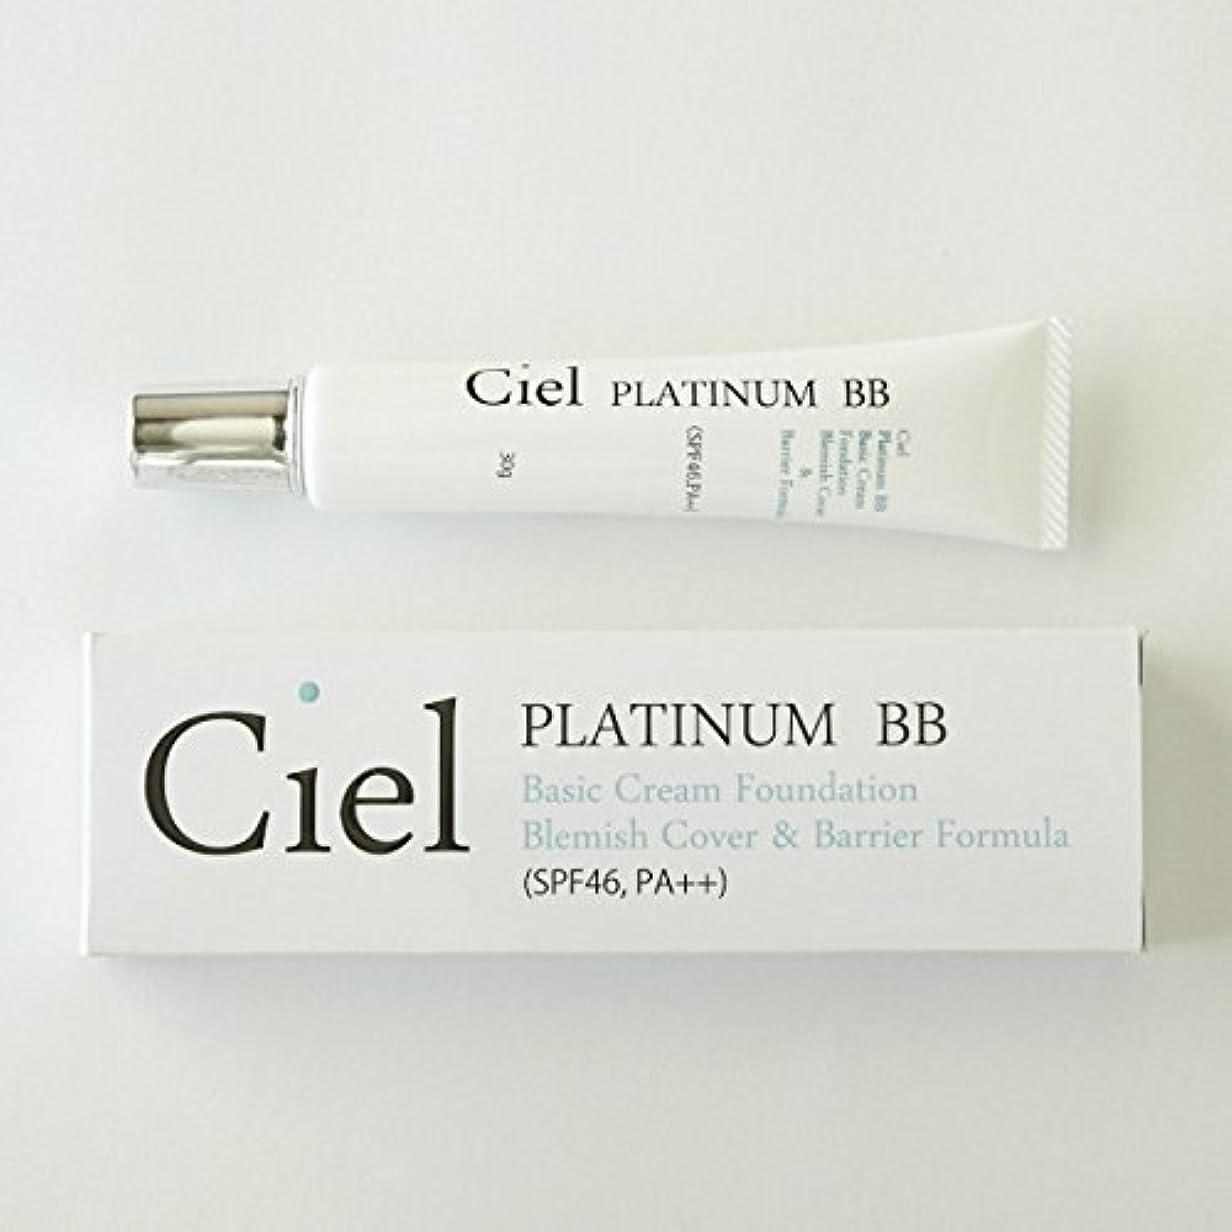 キャプテンブライ羊飼い合意Ciel Salon de Beaute Ciel PLATINUM BB SPF46 BBクリーム ファンデーション 日本製 日焼け止め